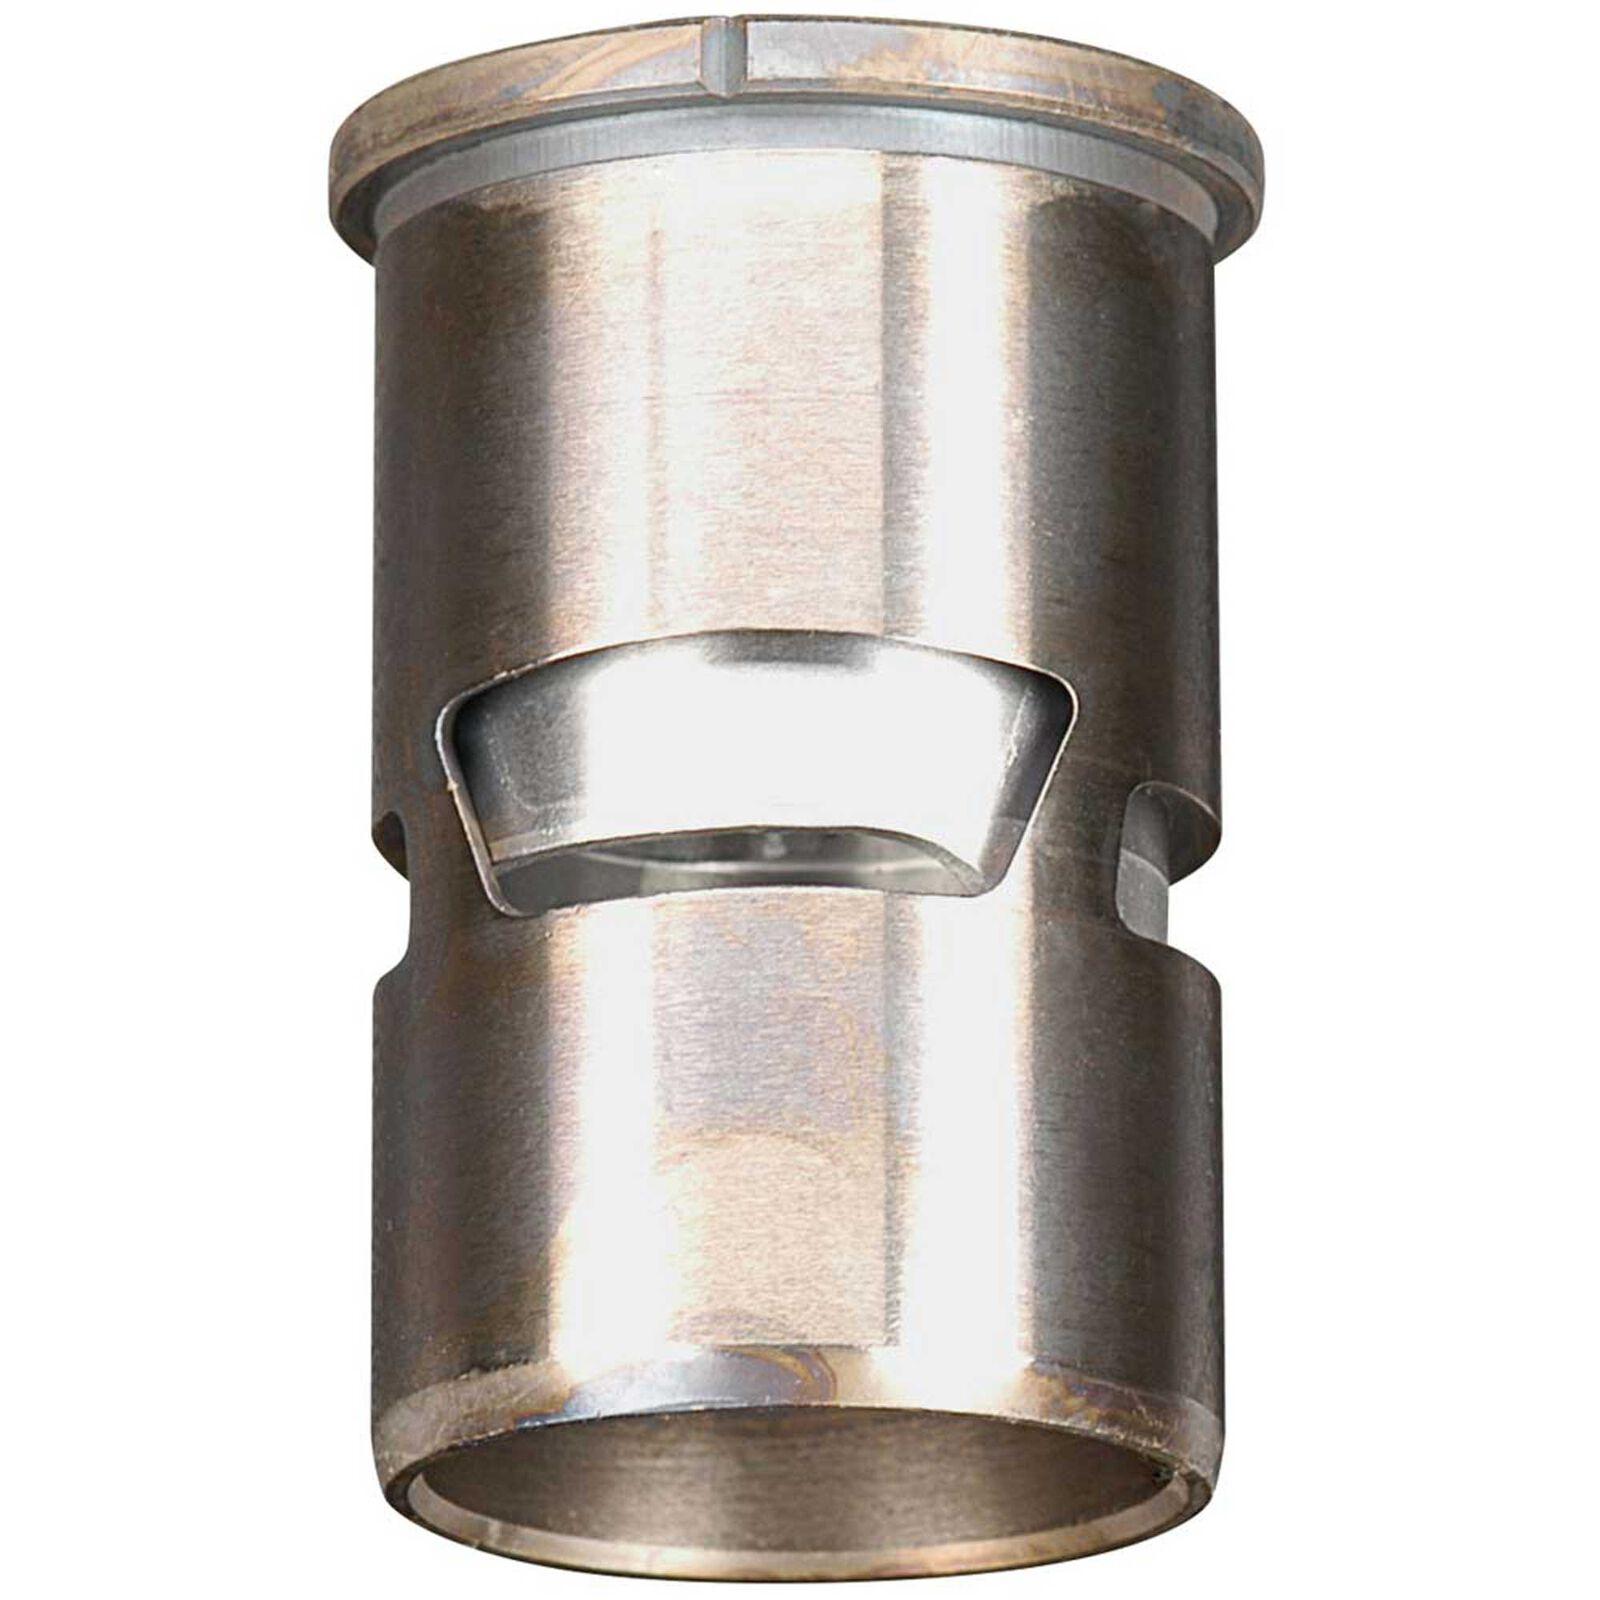 Cylinder & Piston Assembly: 30VG